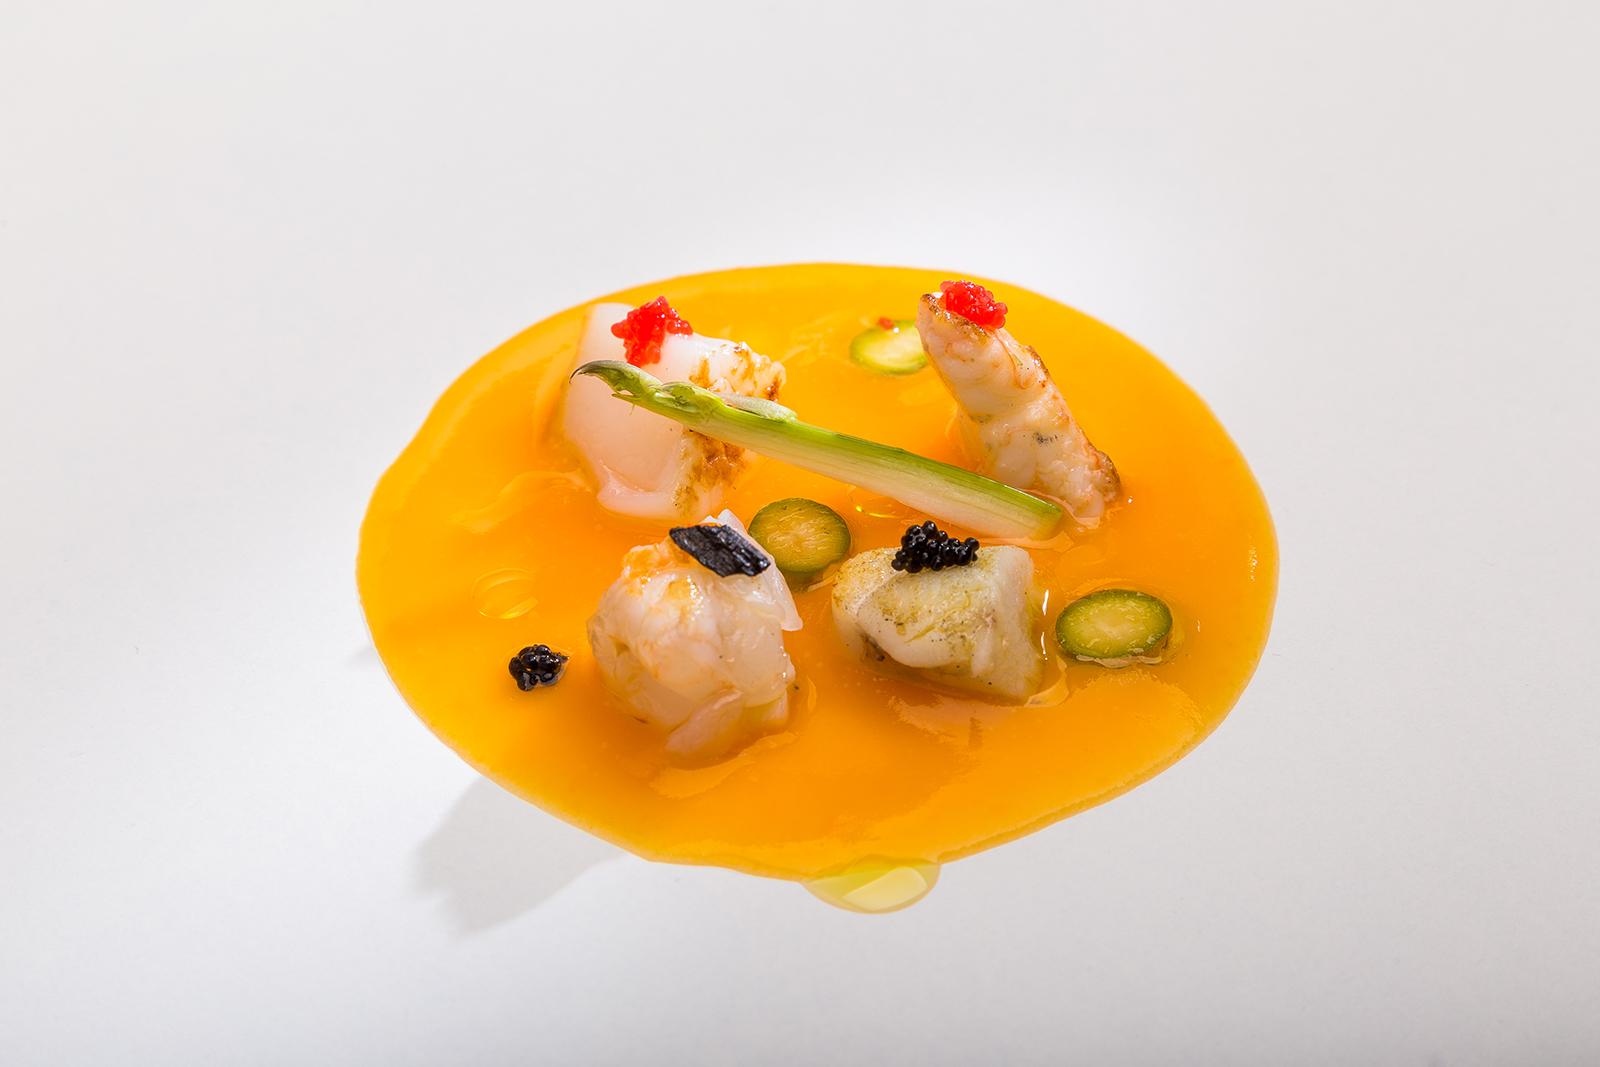 Crema fina de calabaza y jengibre con delicias del mar salteadas, Restaurante Jaizkibel